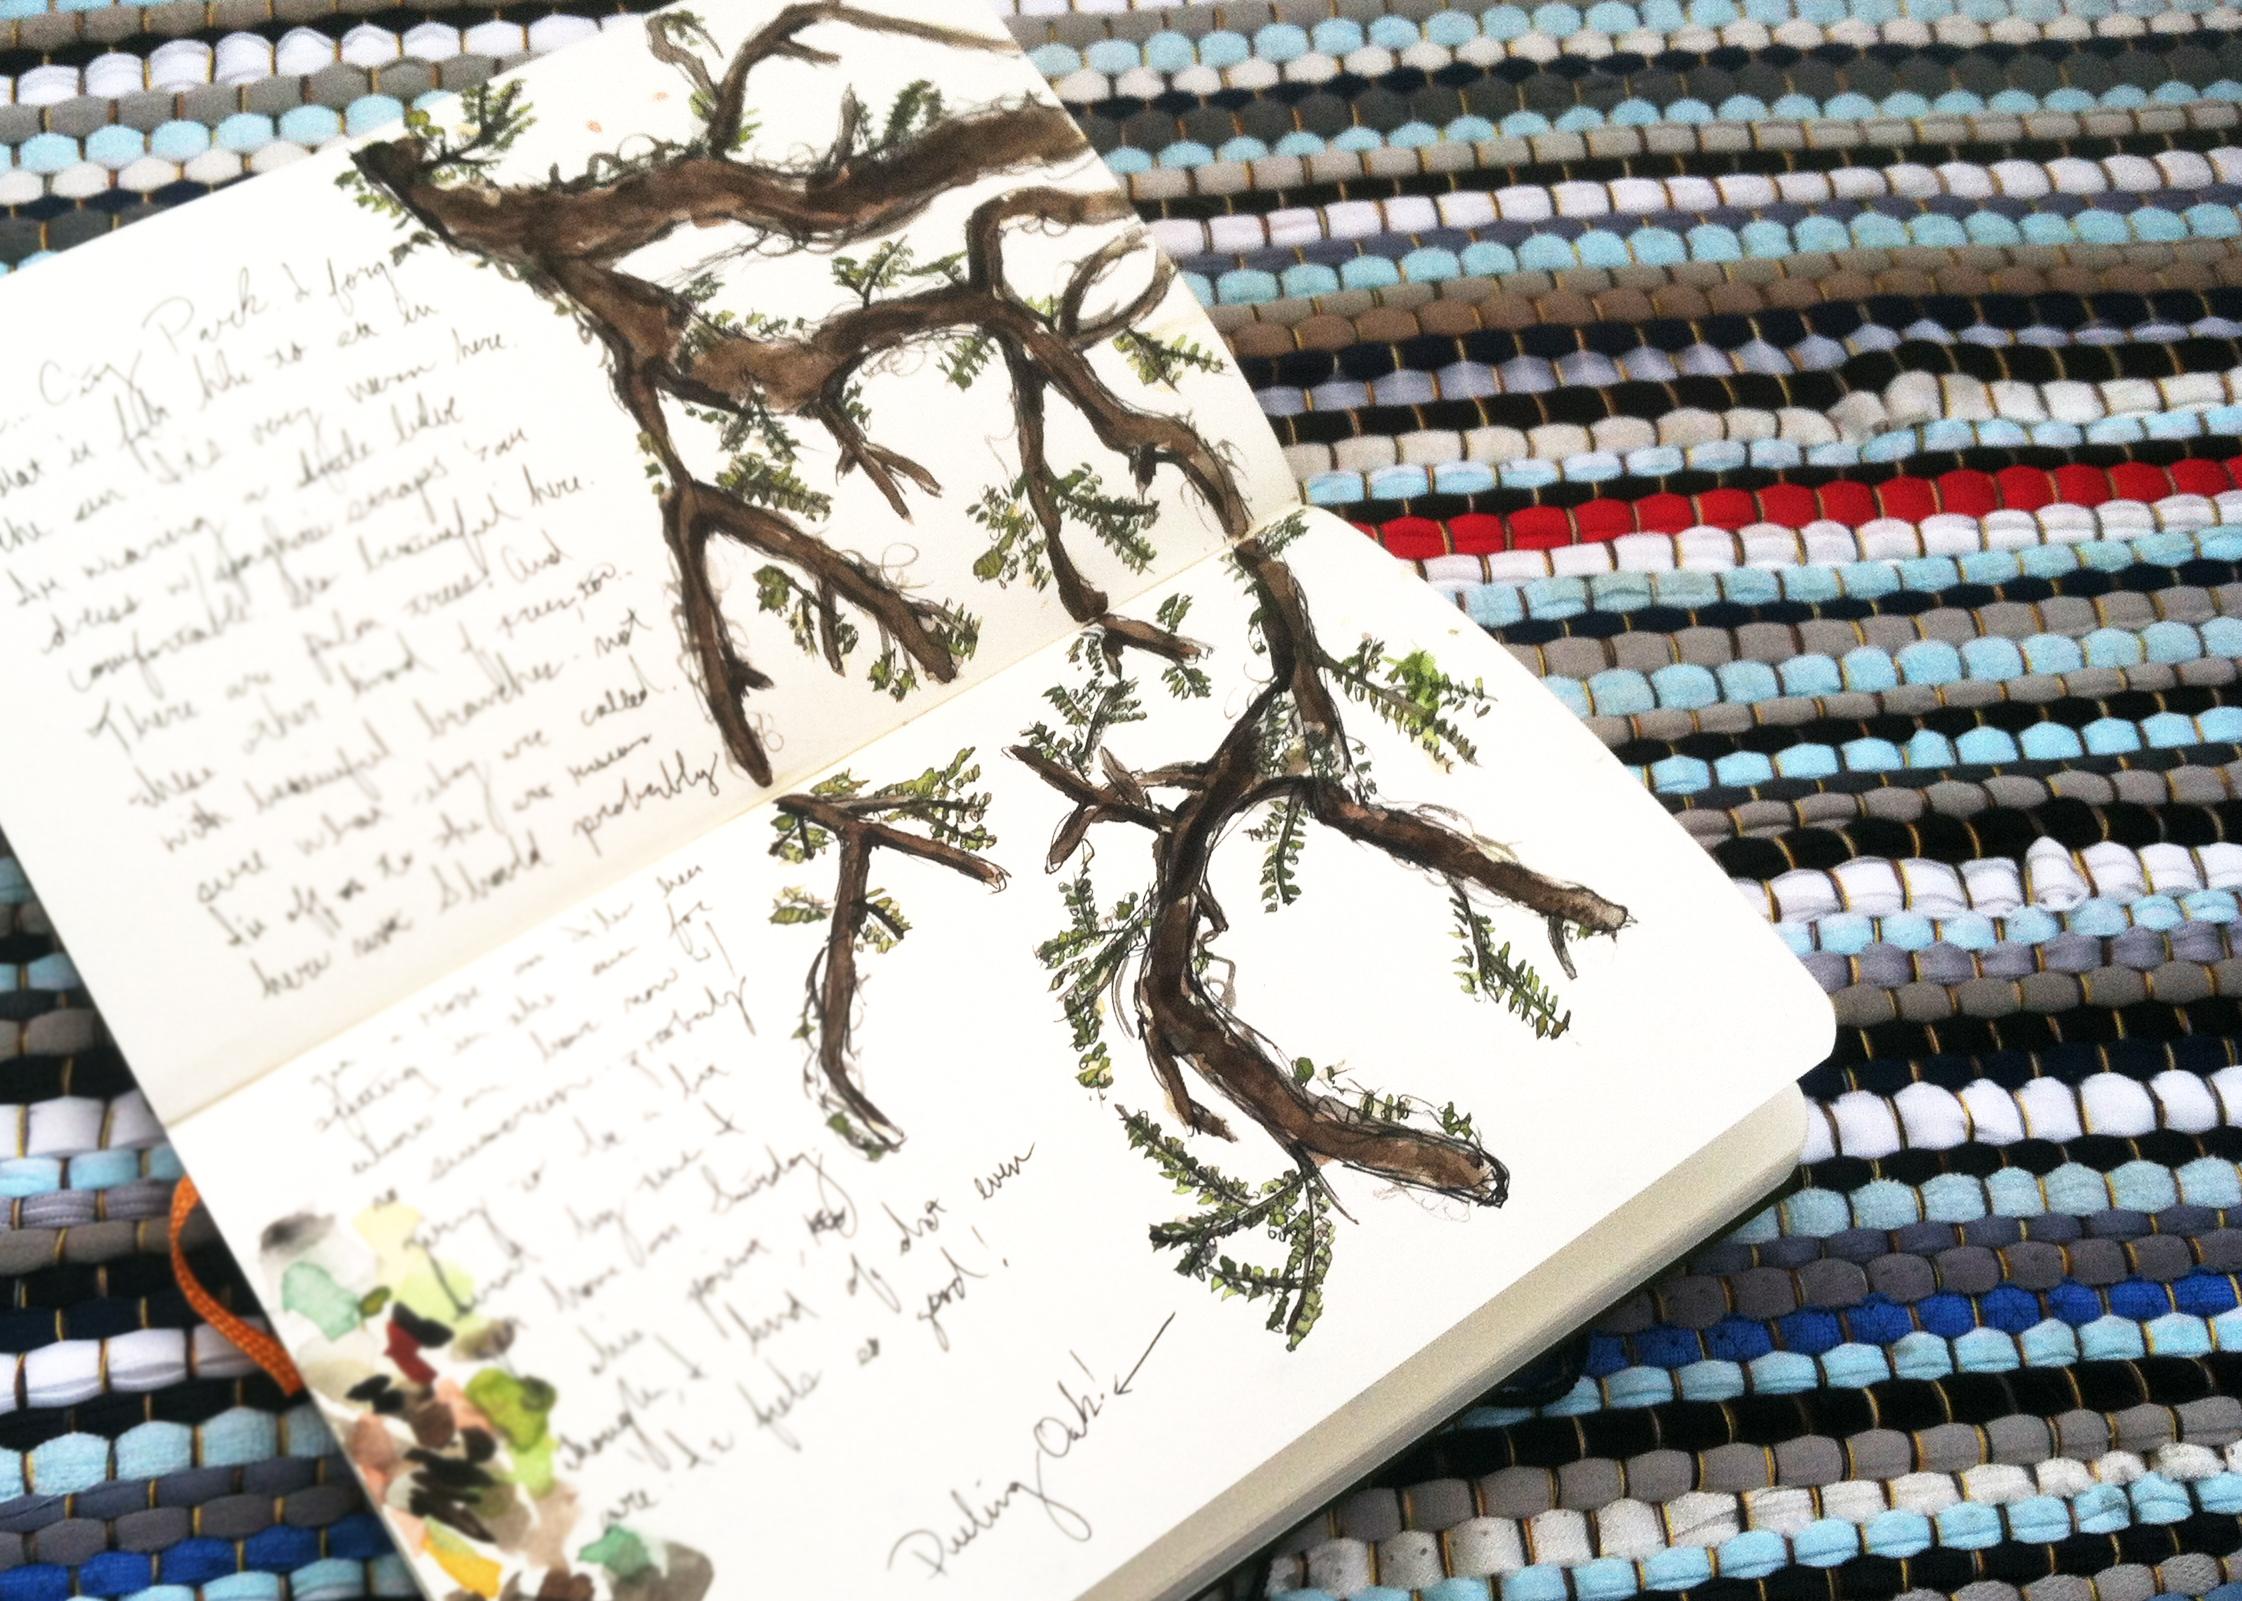 Dueling Oak tree / Live Oak tree watercolor sketch